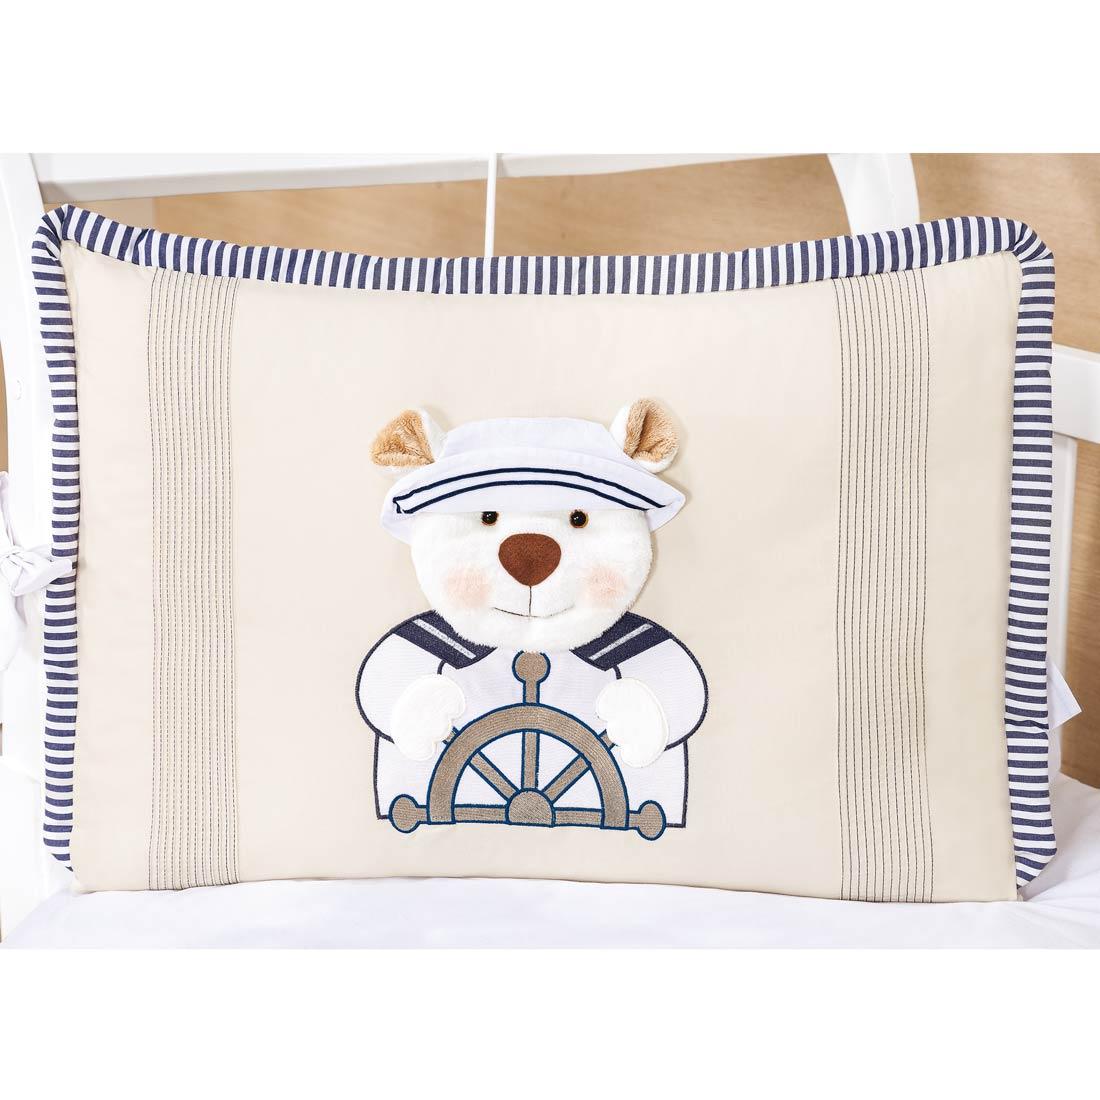 Kit Berço 9 Peças Americano c/ Mosquiteiro - Coleção Urso Navegador - 100% Algodão